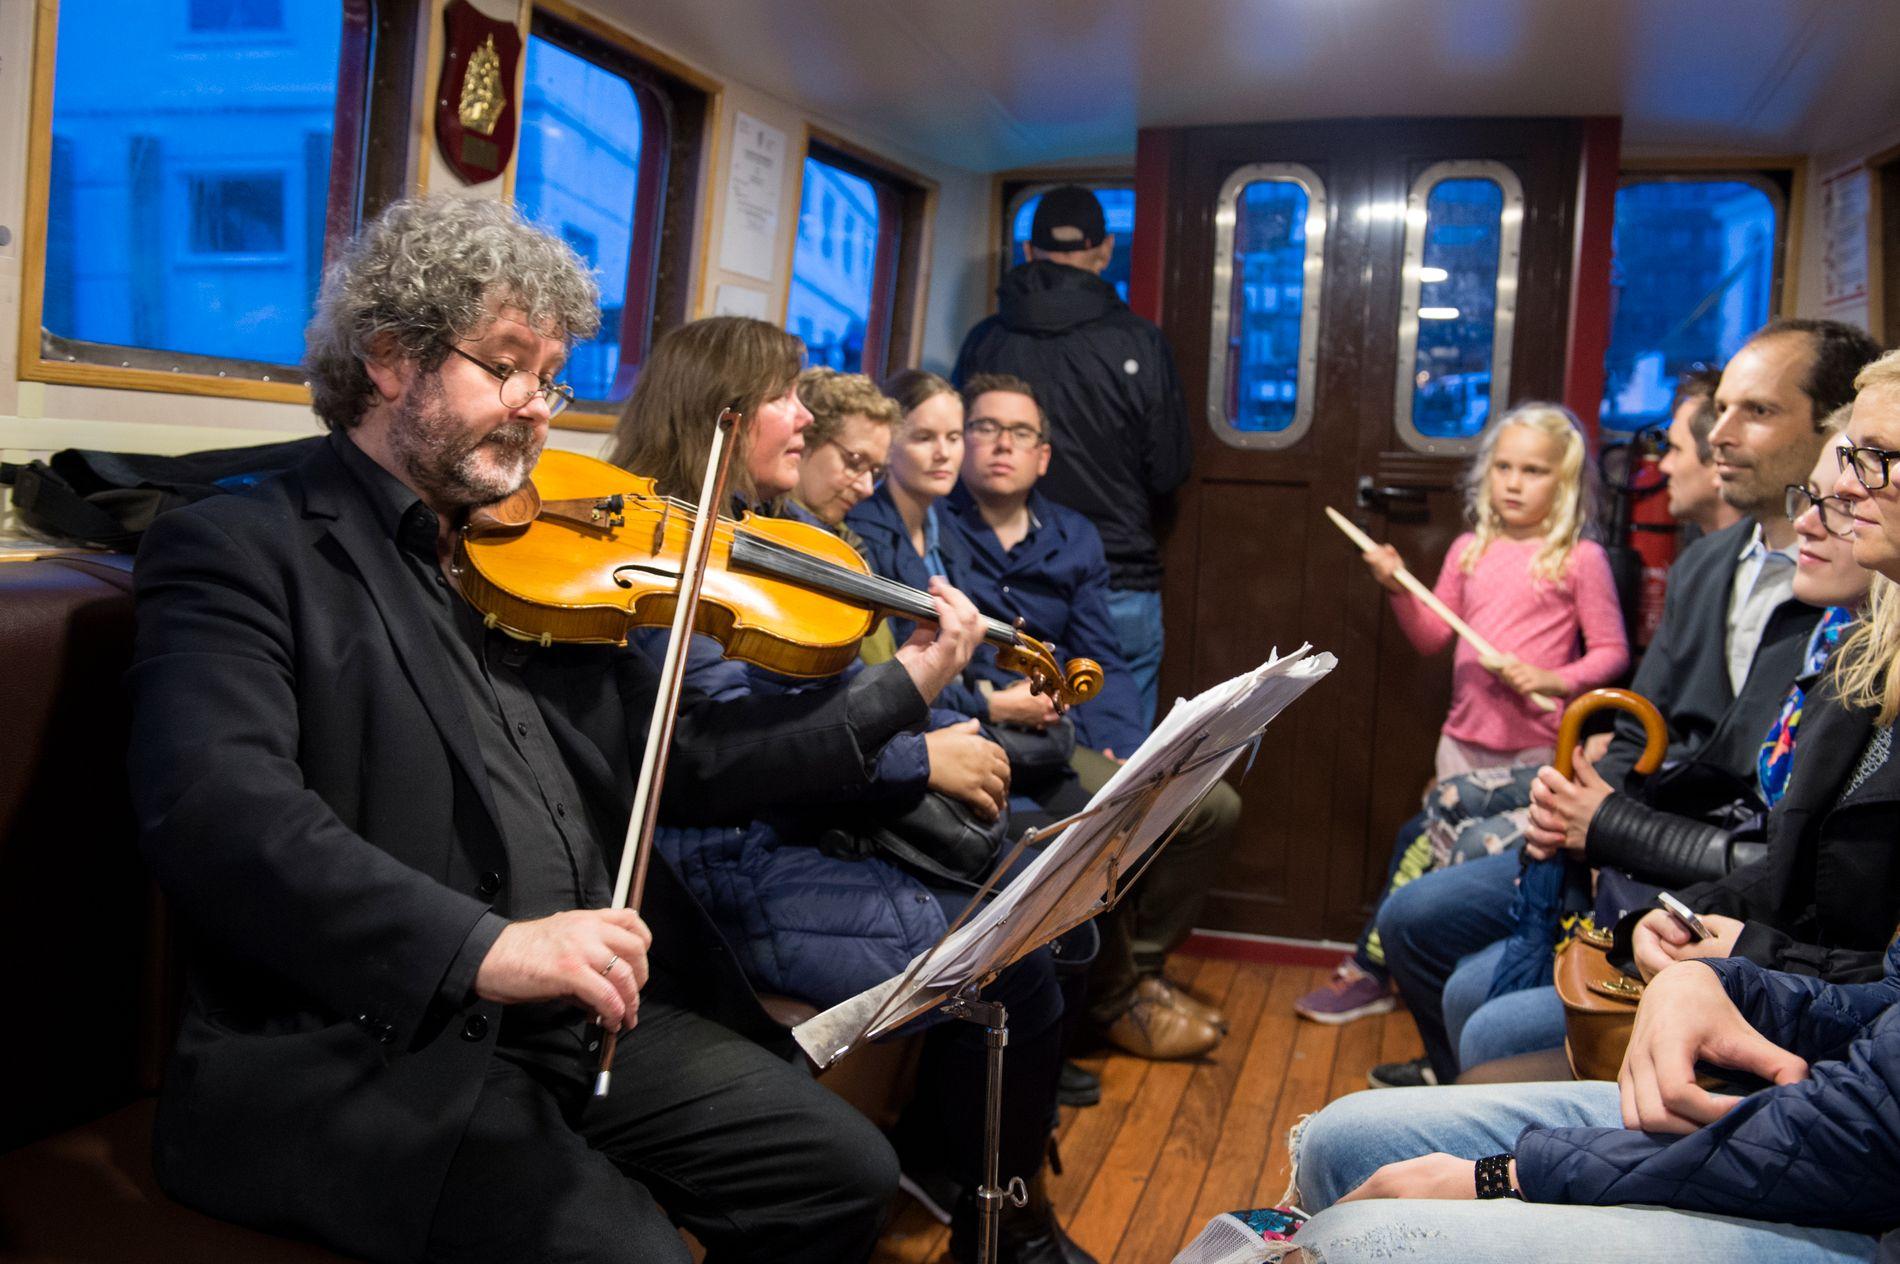 FAST INNSLAG: Hans Gunnar Hagen fra Harmonien spiller bratsj på Beffen også under årets Kulturnatt.